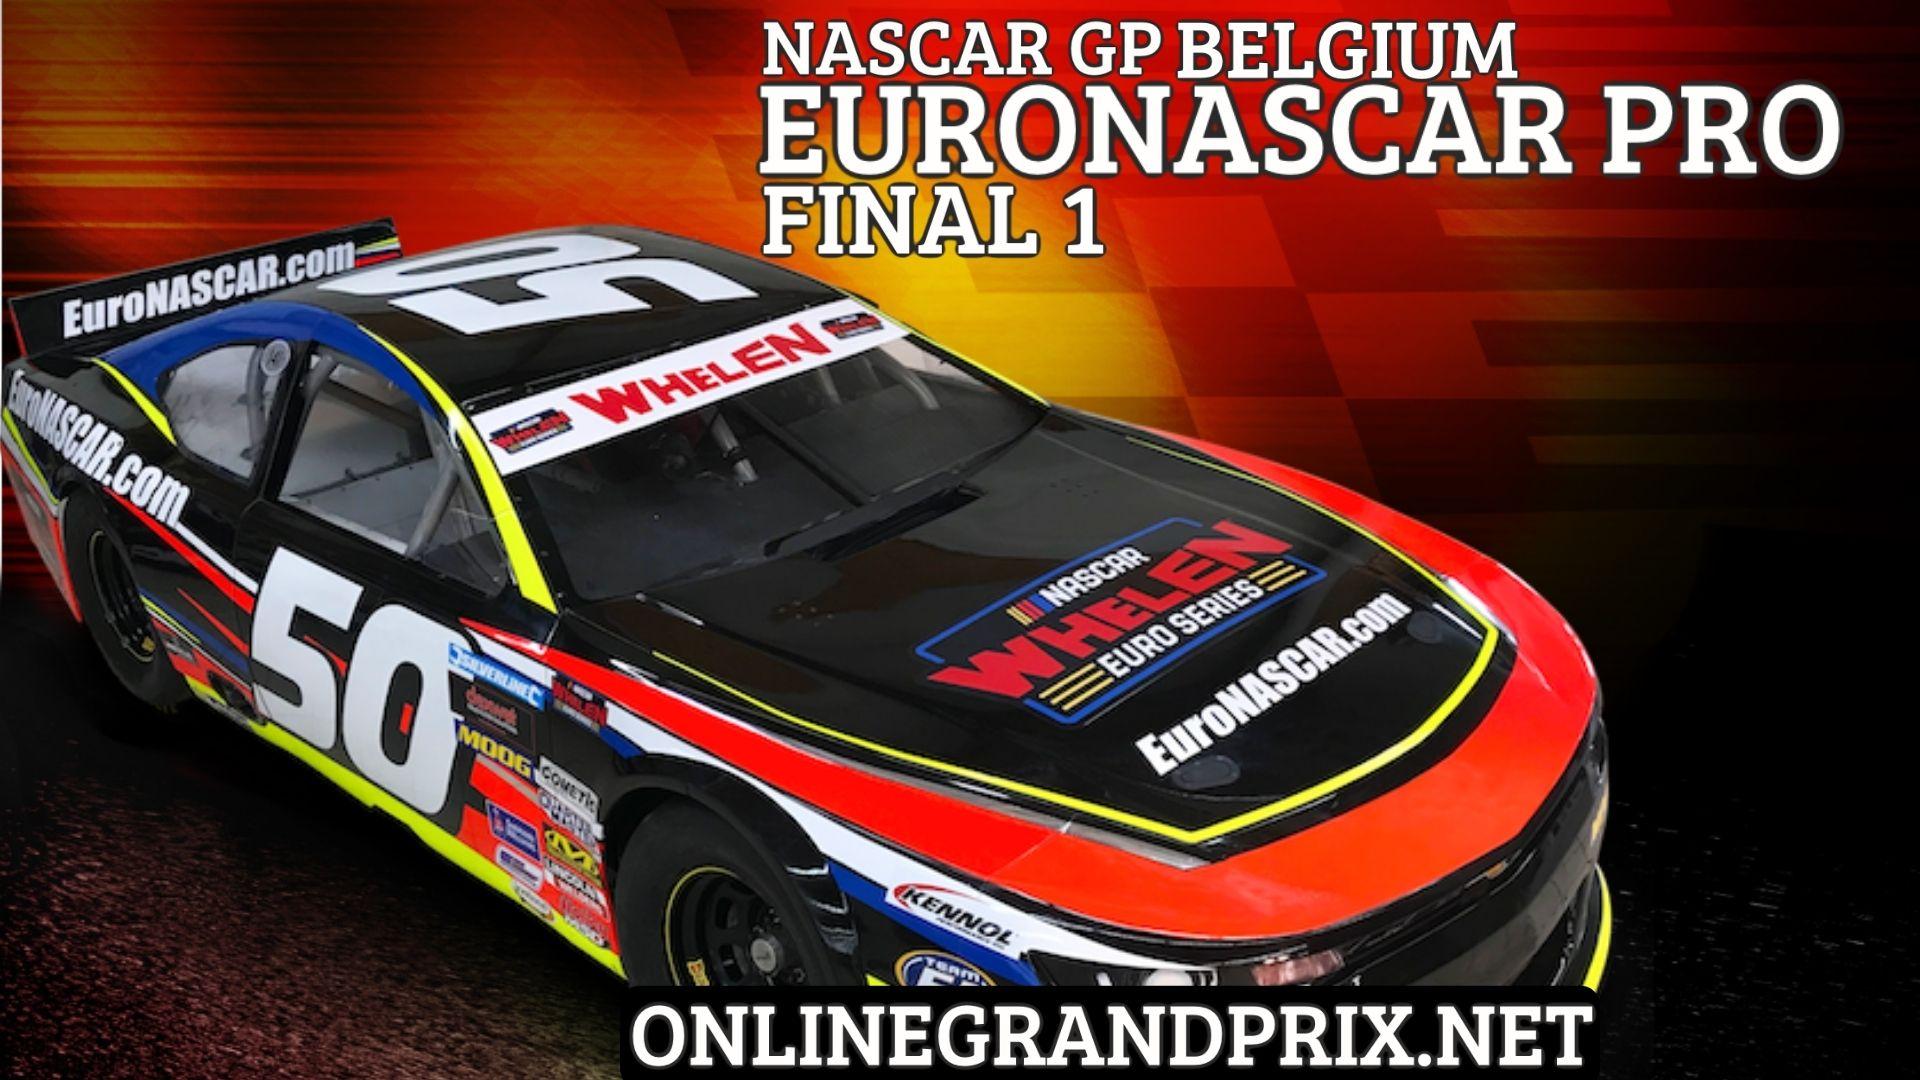 Belgium NASCAR GP Live Stream 2021 | Euro NASCAR PRO Final 1